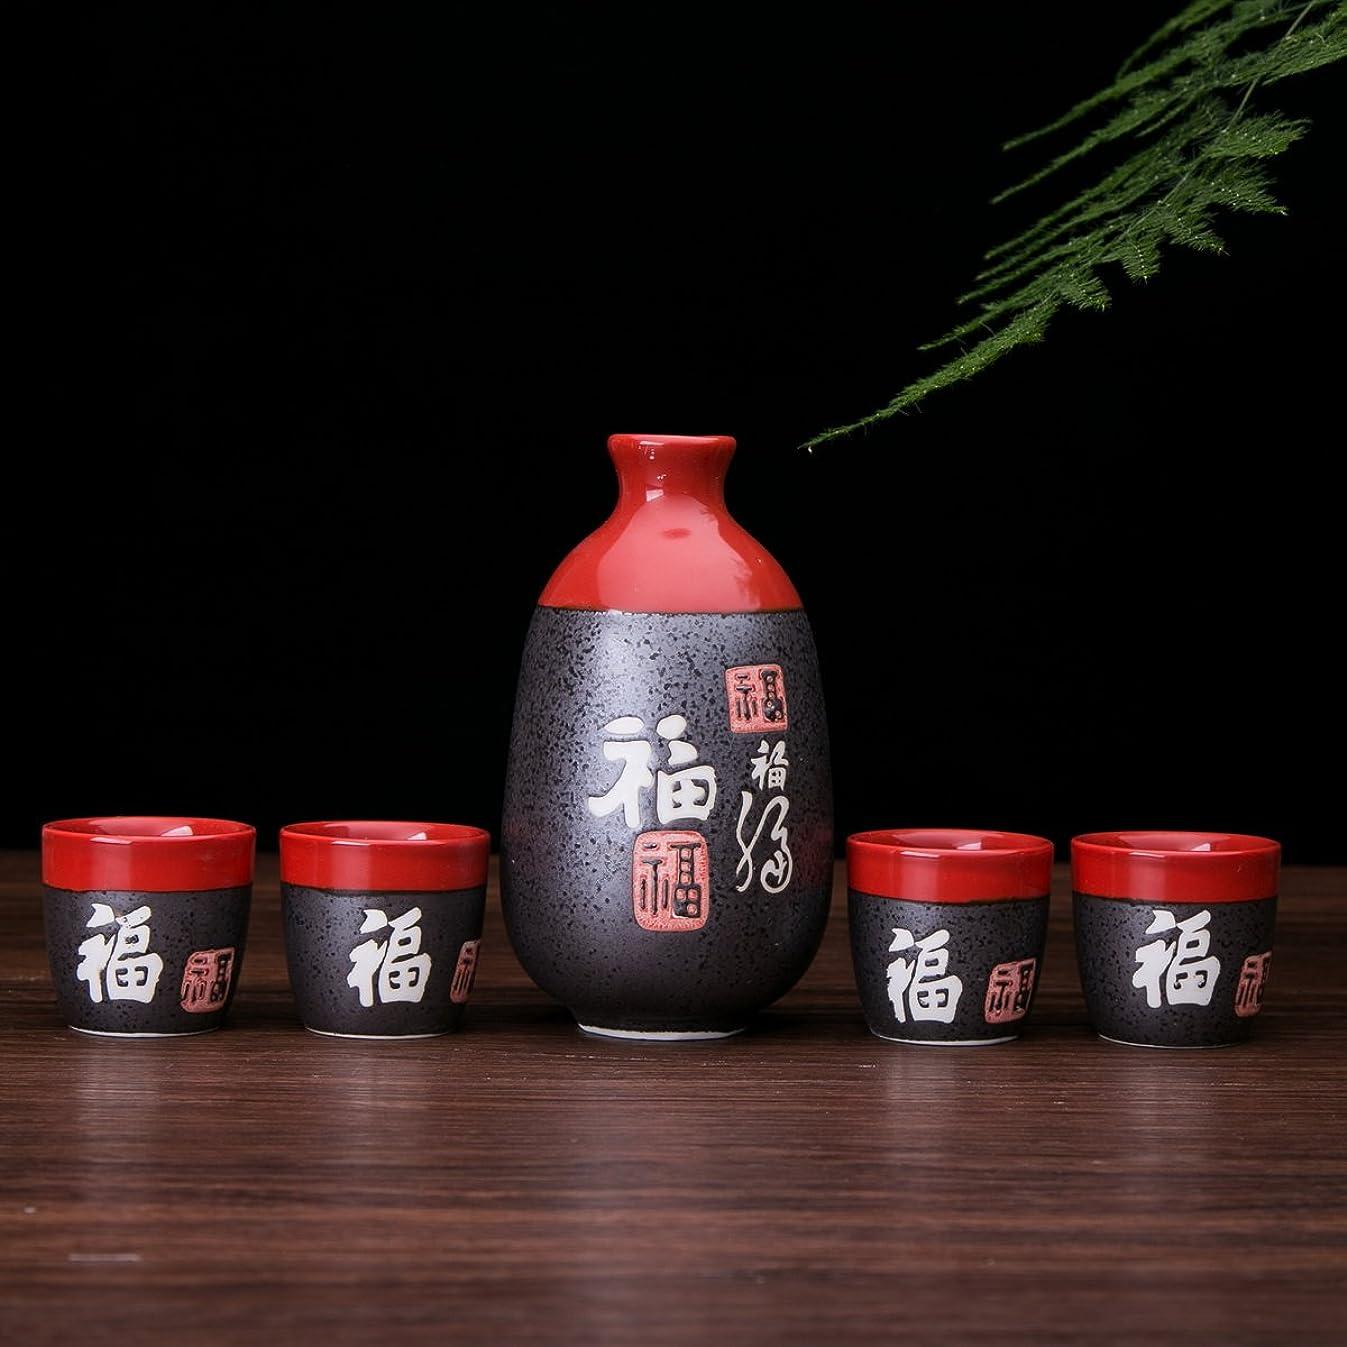 Glazed Ceramic 5 Pcs Japanese Sake Set Chinese Calligraphy